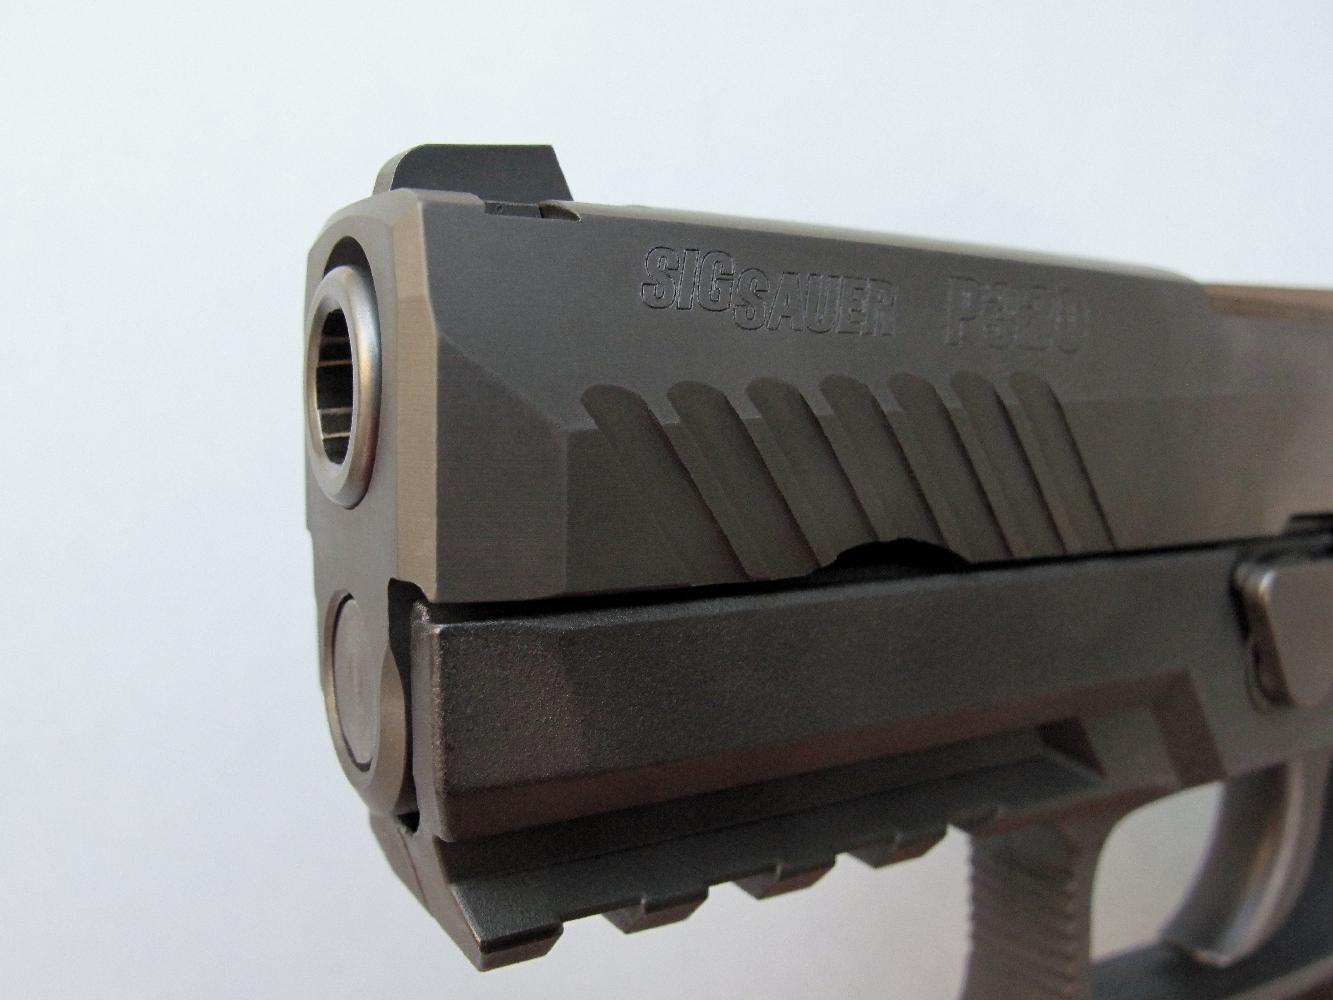 Cette vue de la bouche du canon, sur le modèle Compact, permet d'apercevoir les six rayures hélicoïdales qui permettent de stabiliser les projectiles sur leur trajectoire.